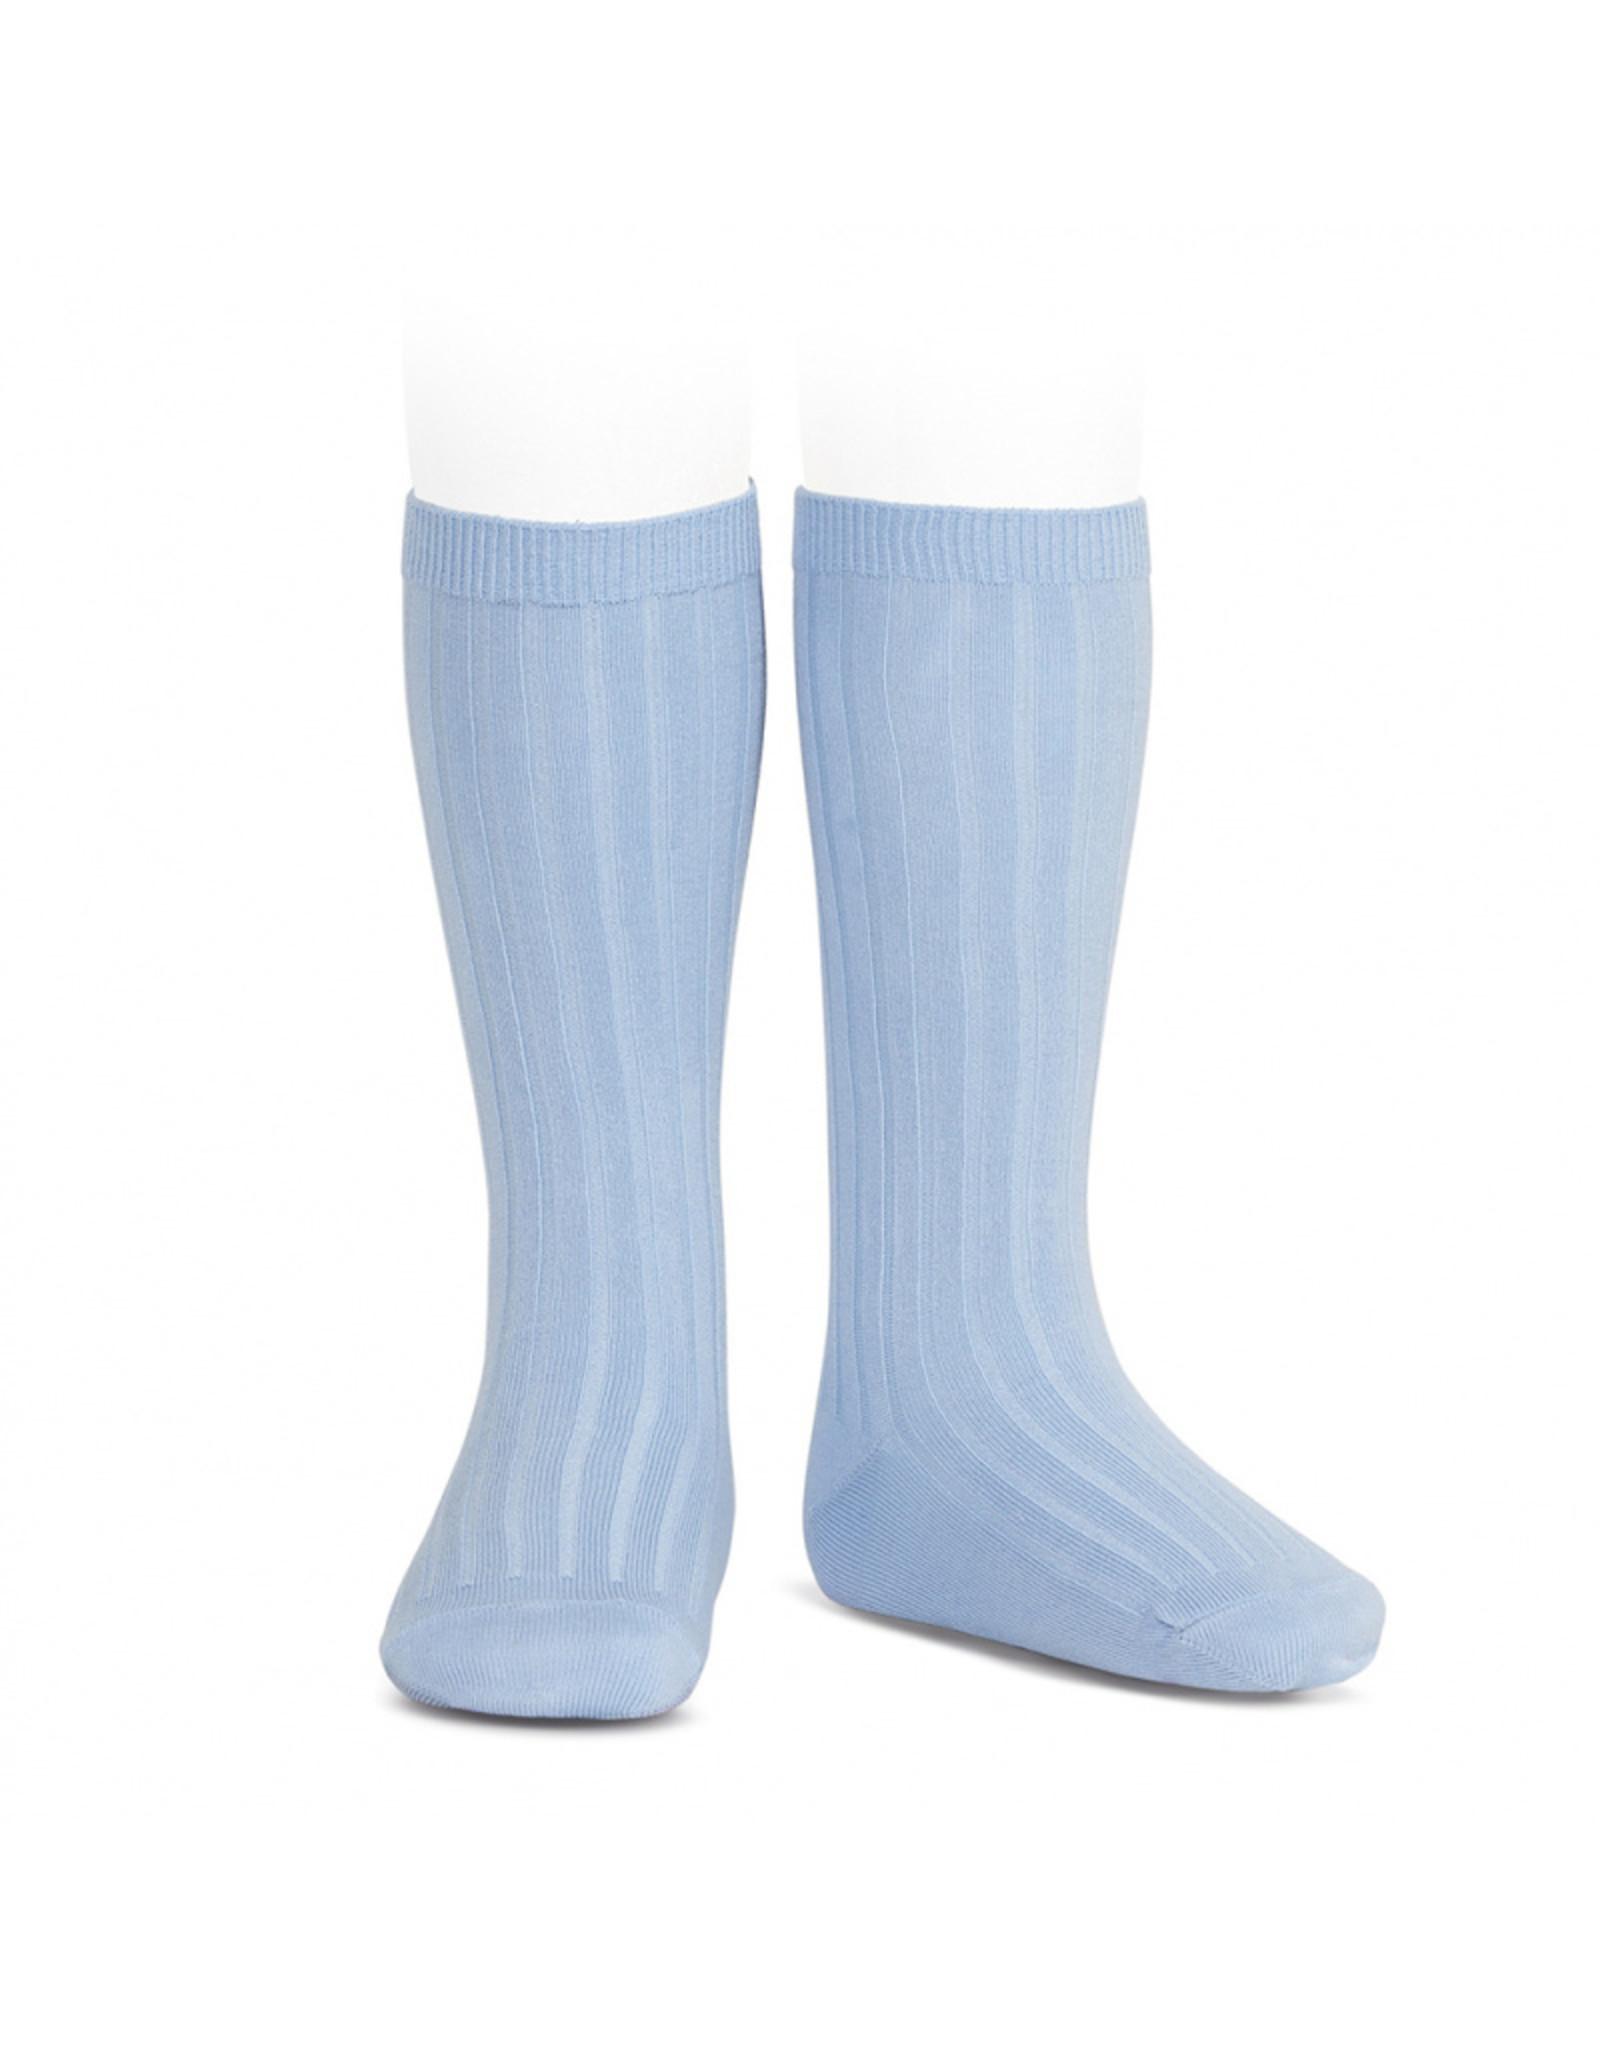 CONDOR Light Blue Ribbed Knee Socks